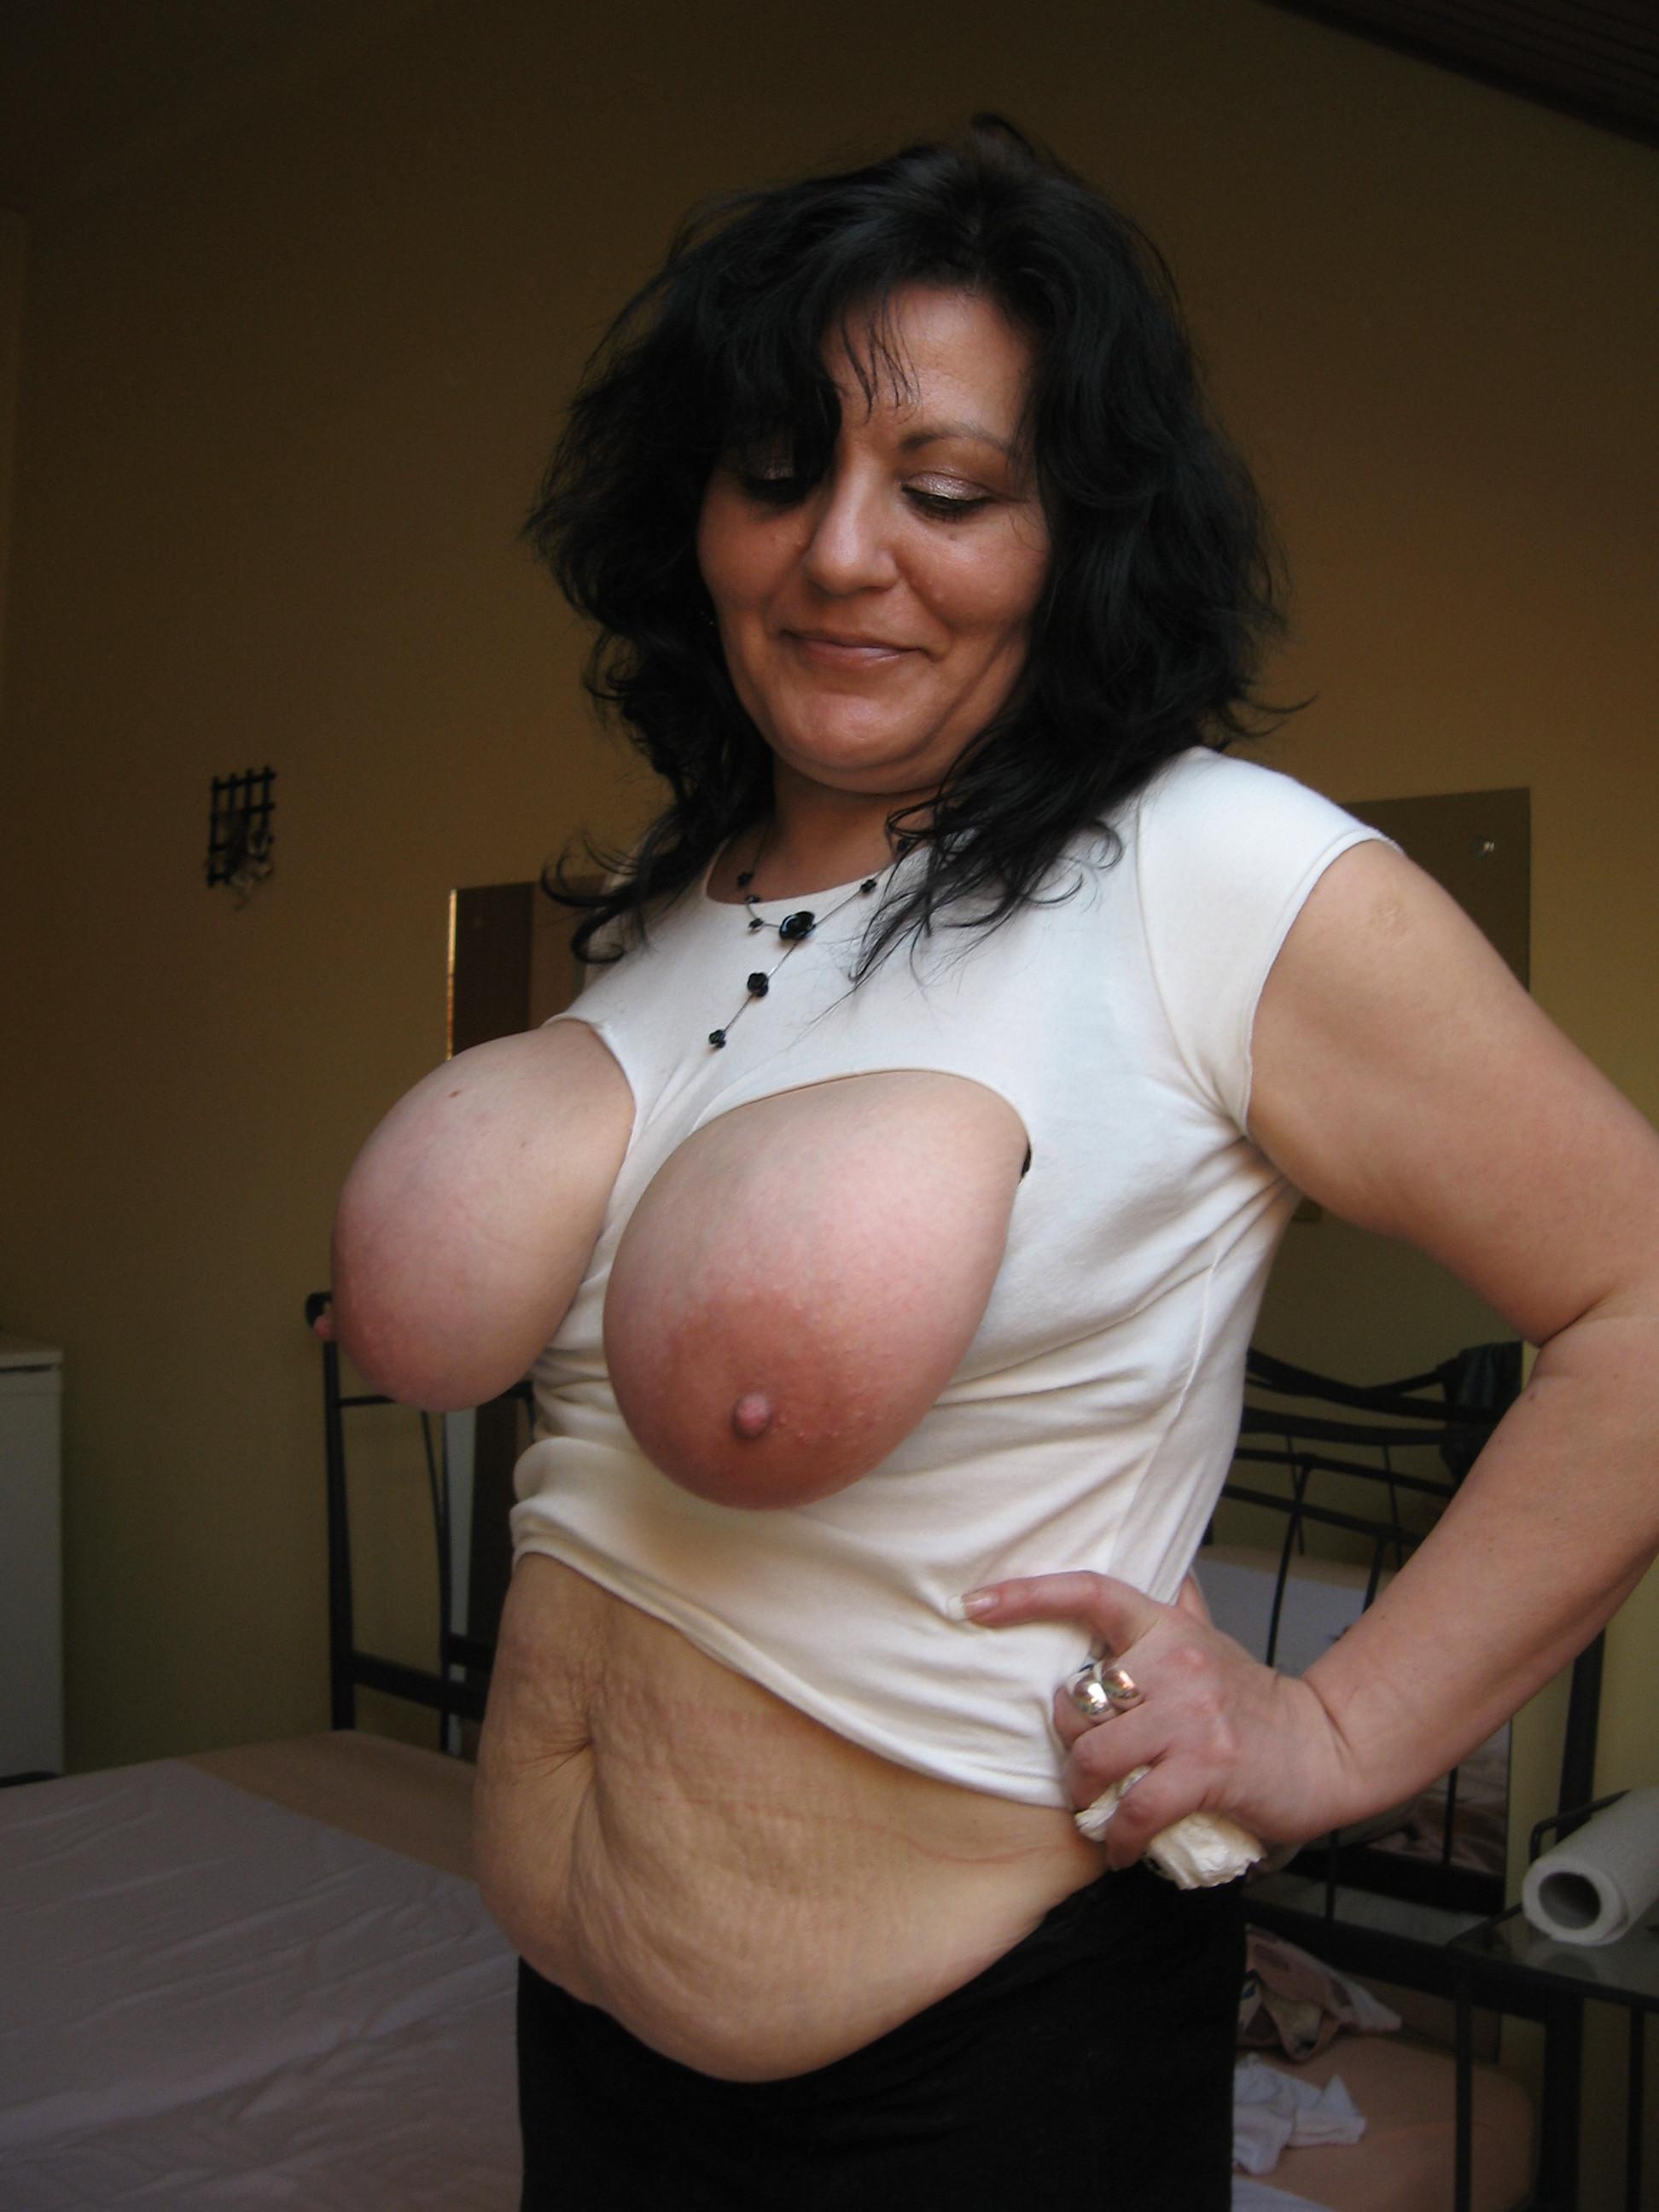 Толстая голые девки фото 16 фотография